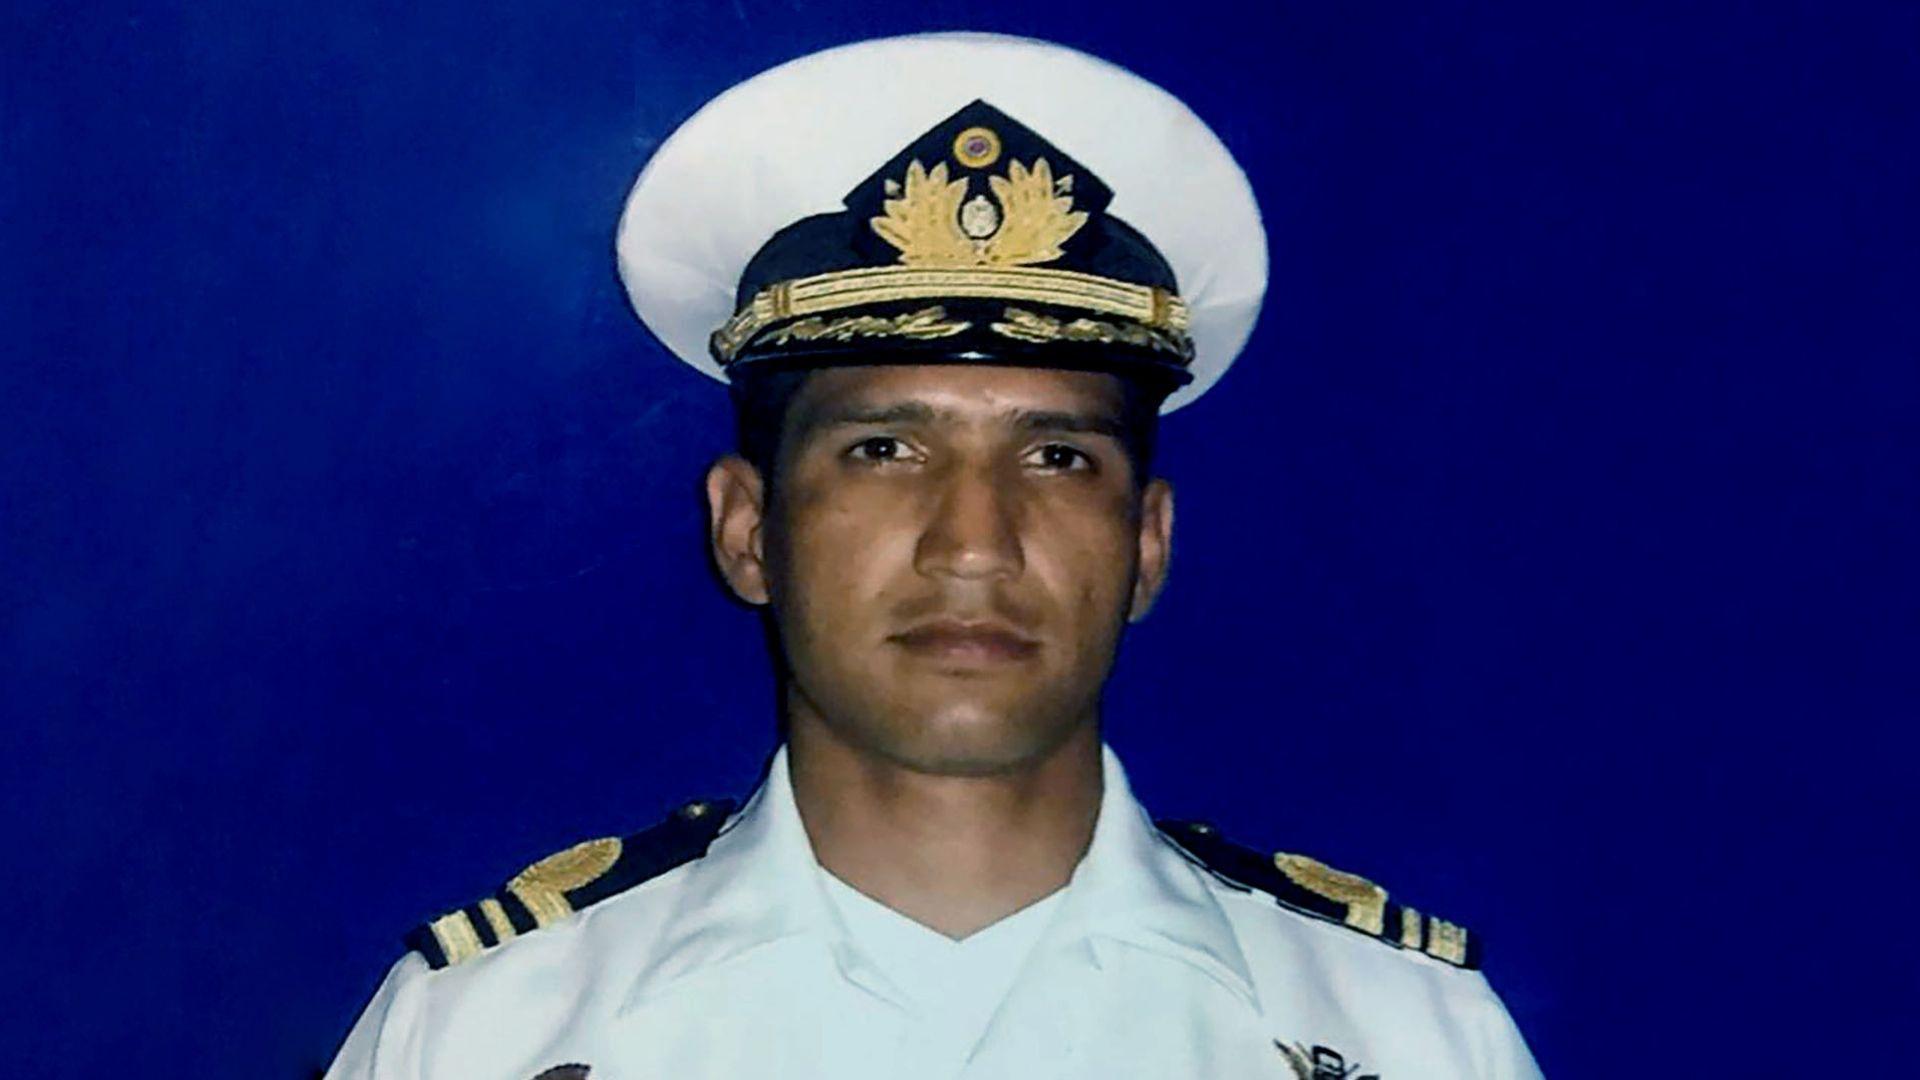 Prevalece la impunidad en el caso del capitán Rafael Acosta Arévalo